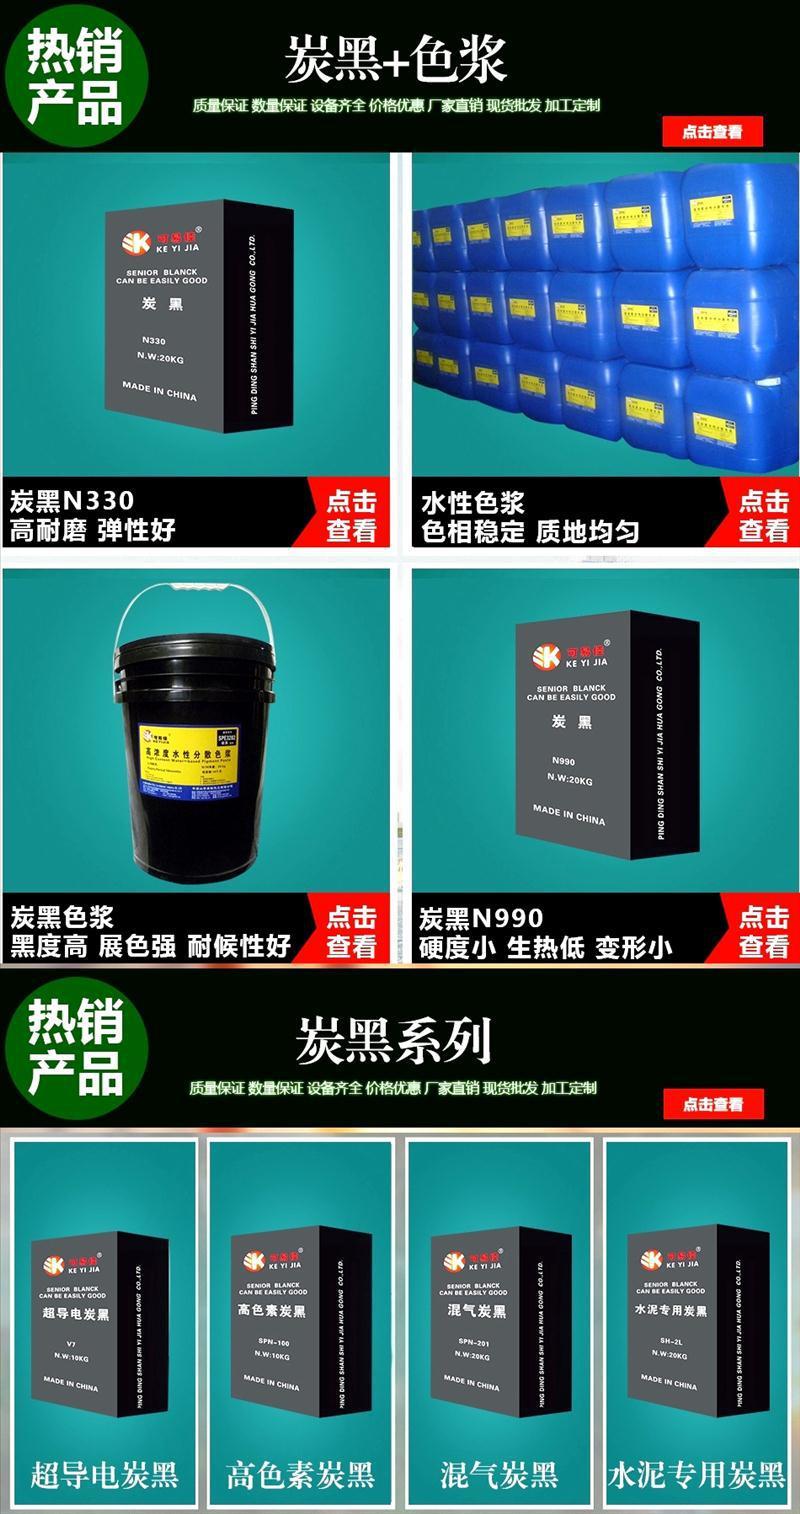 熱銷推薦 N990高檔橡膠制品用炭黑、特種橡膠用炭黑示例圖4